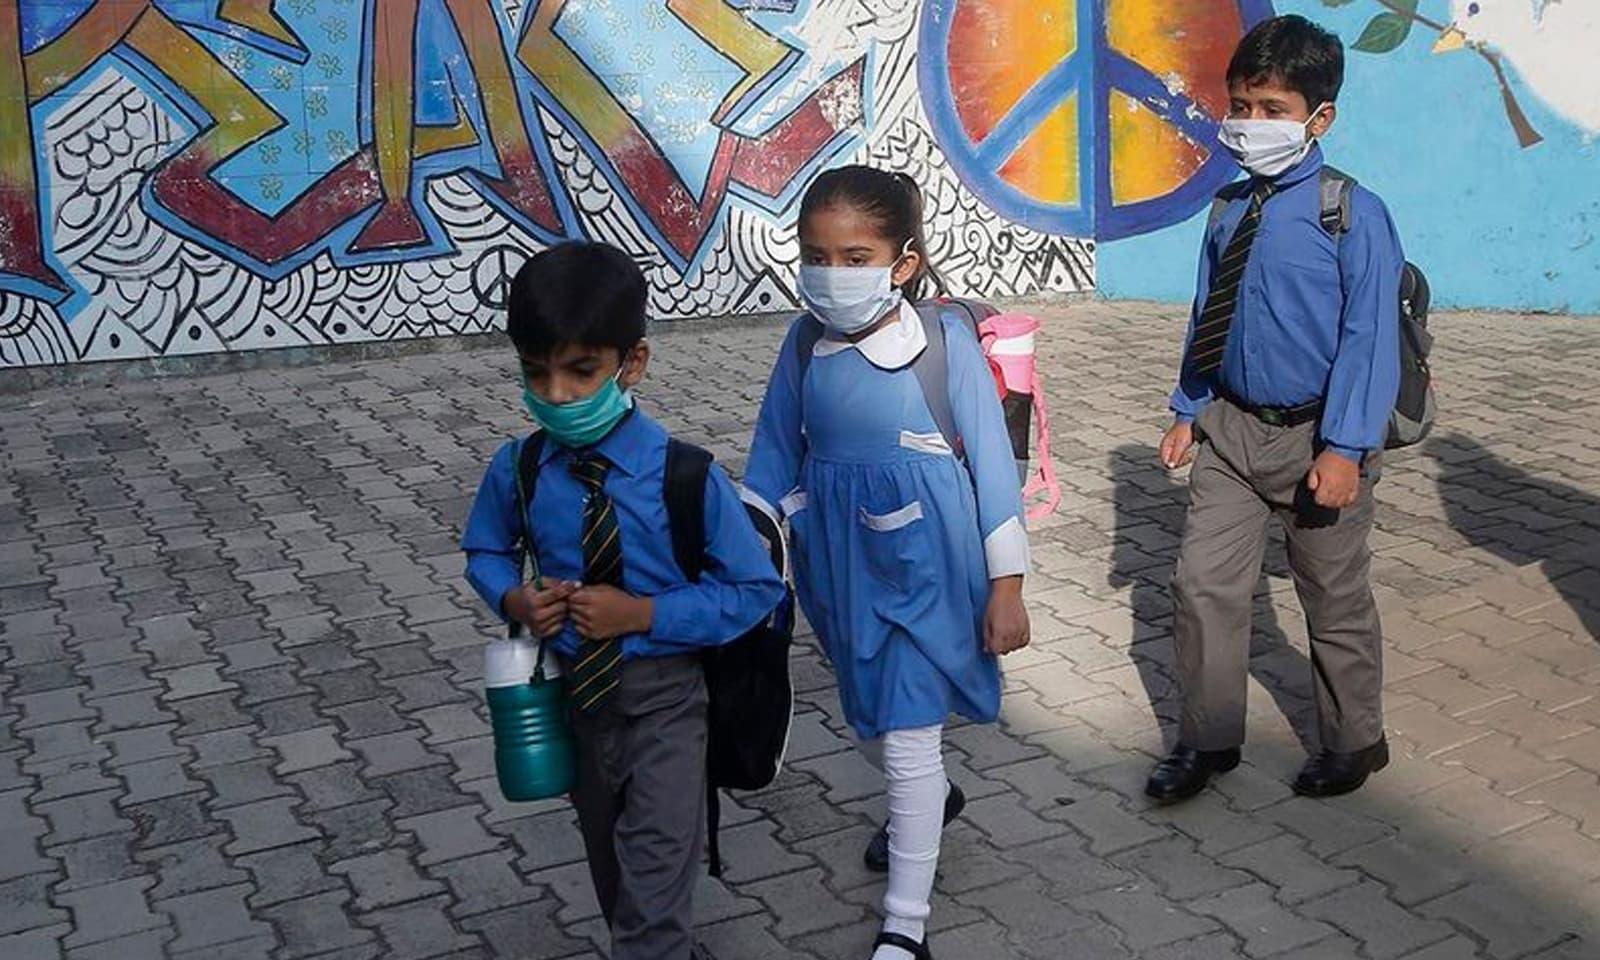 حکومت نے 15 ستمبر سے تعلیمی اداروں کو مرحلہ وار کھولنے کا اعلان کیا تھا—فوٹو: اے پی